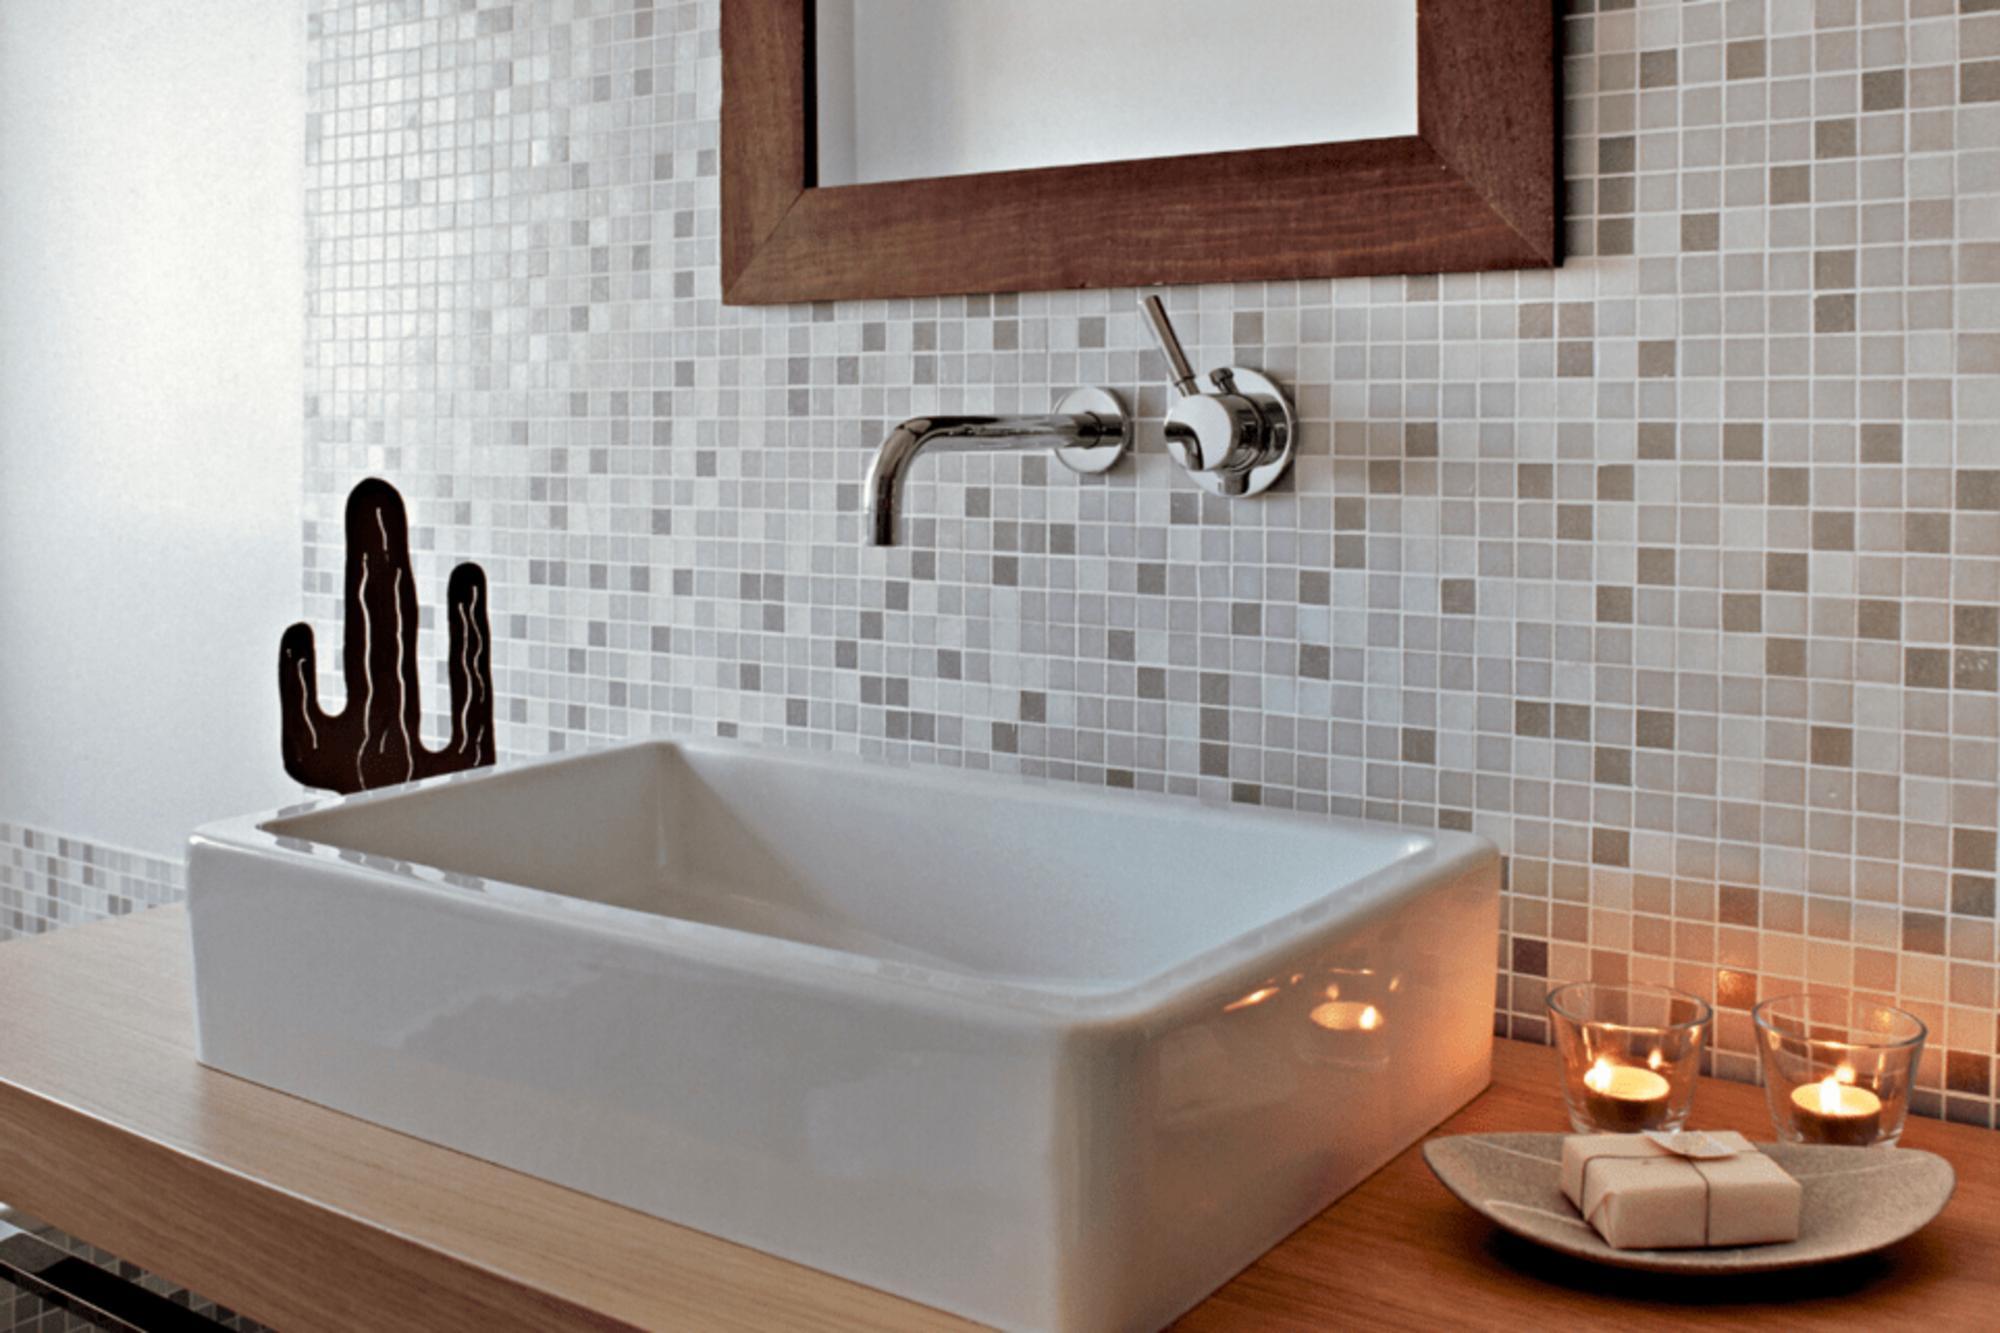 carreaux murs salle de bains